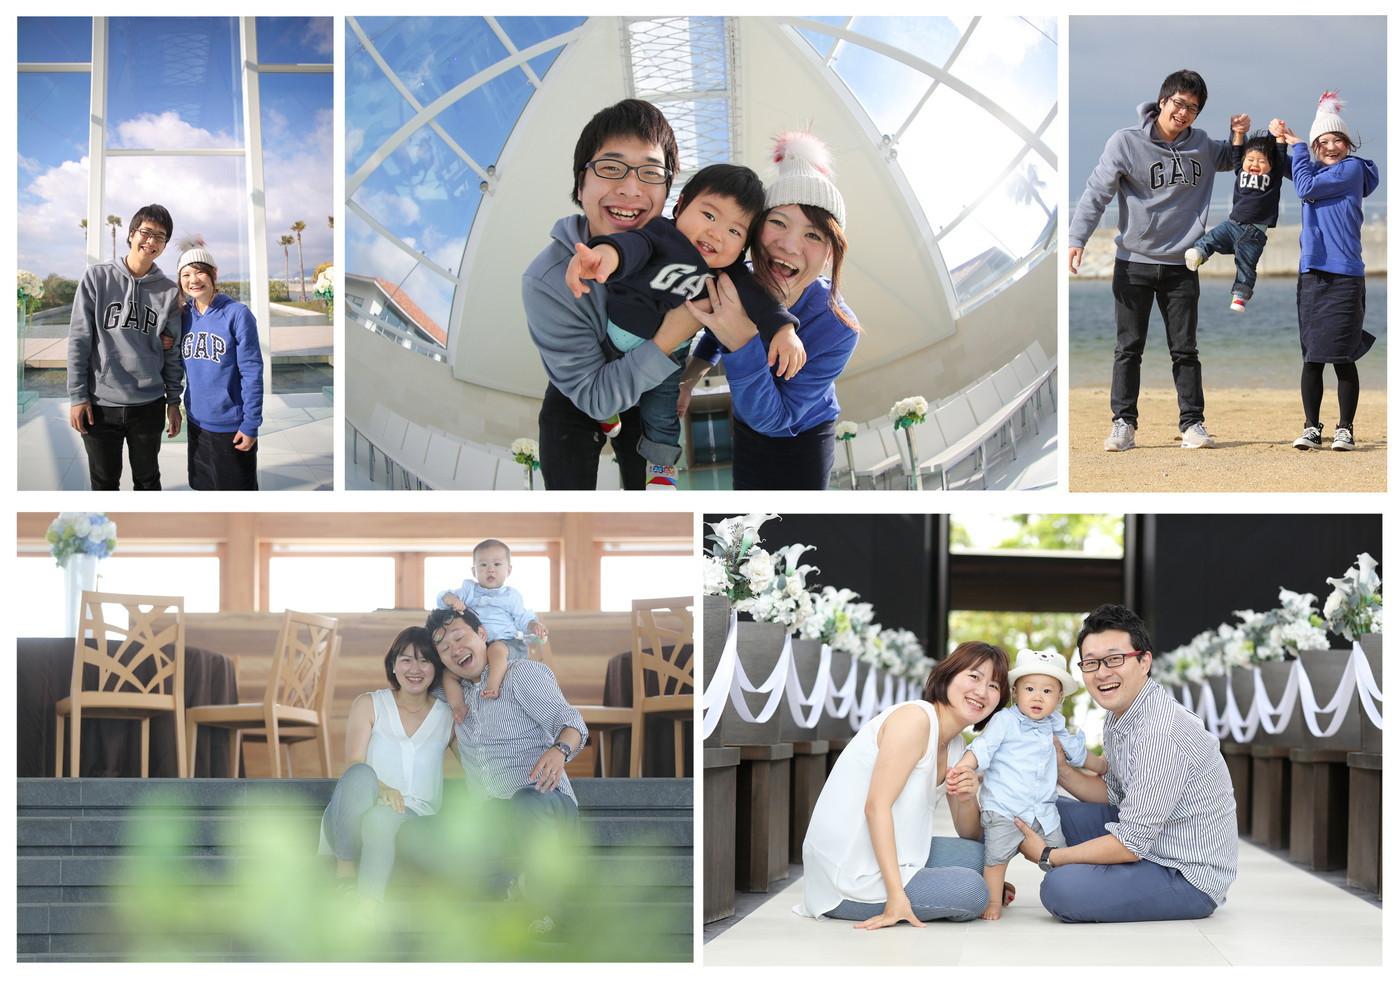 ブログ_B_photo2.jpg